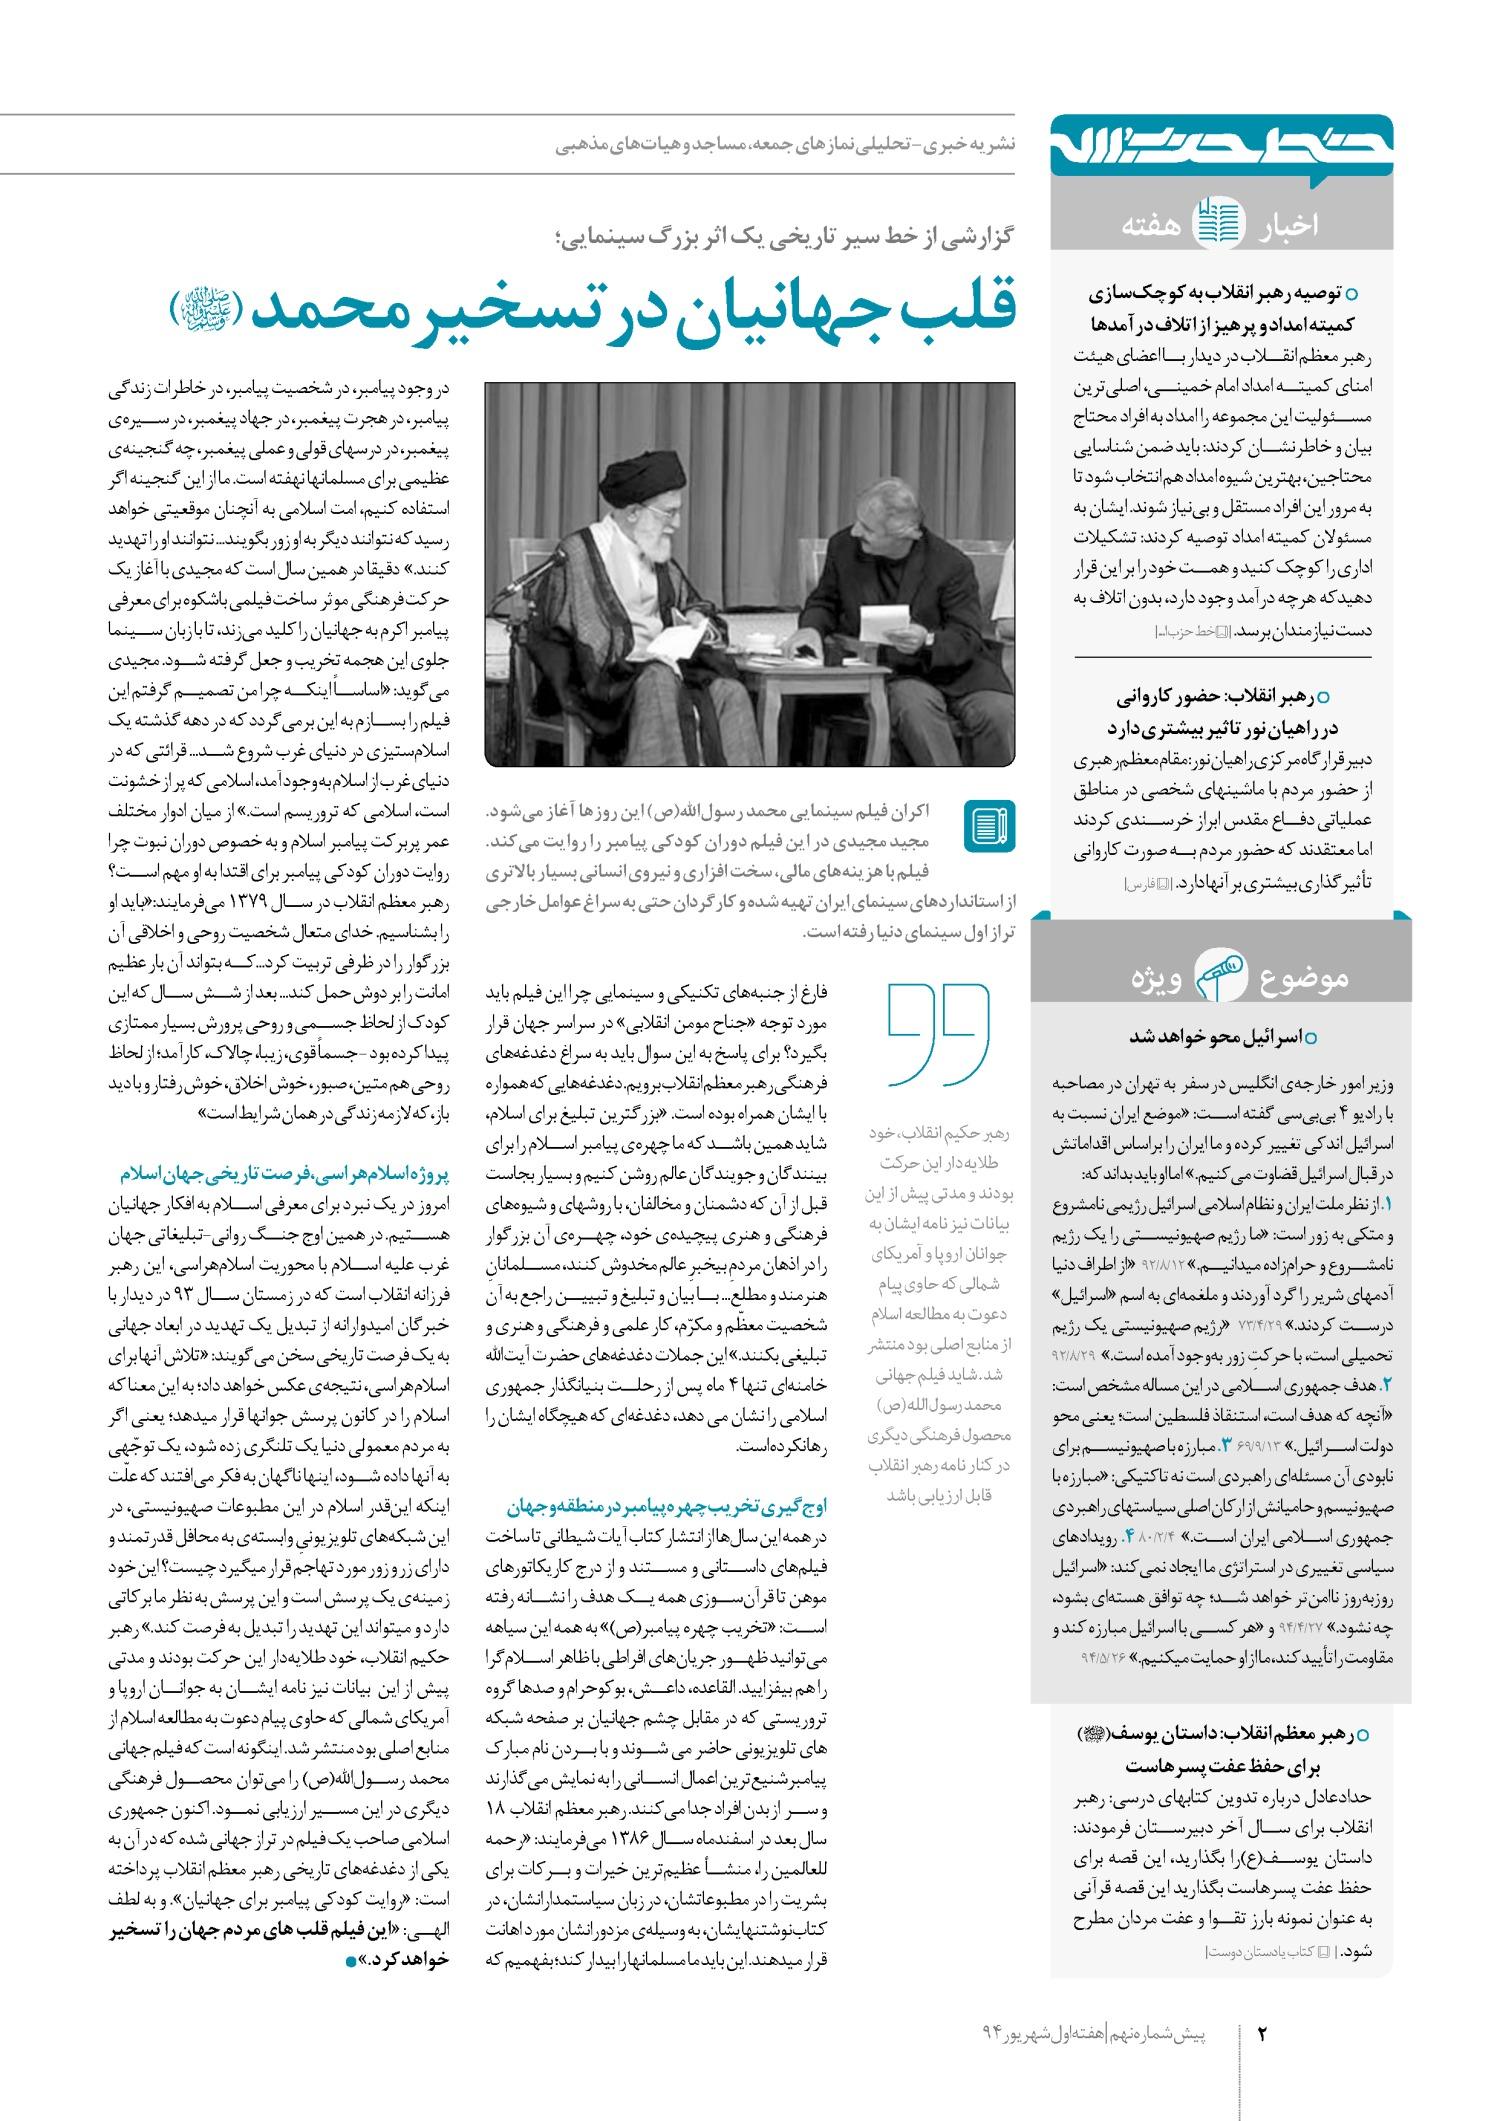 خط حزب الله -شماره پنجم خط حزب الله -پیش شماره نهم page large 214